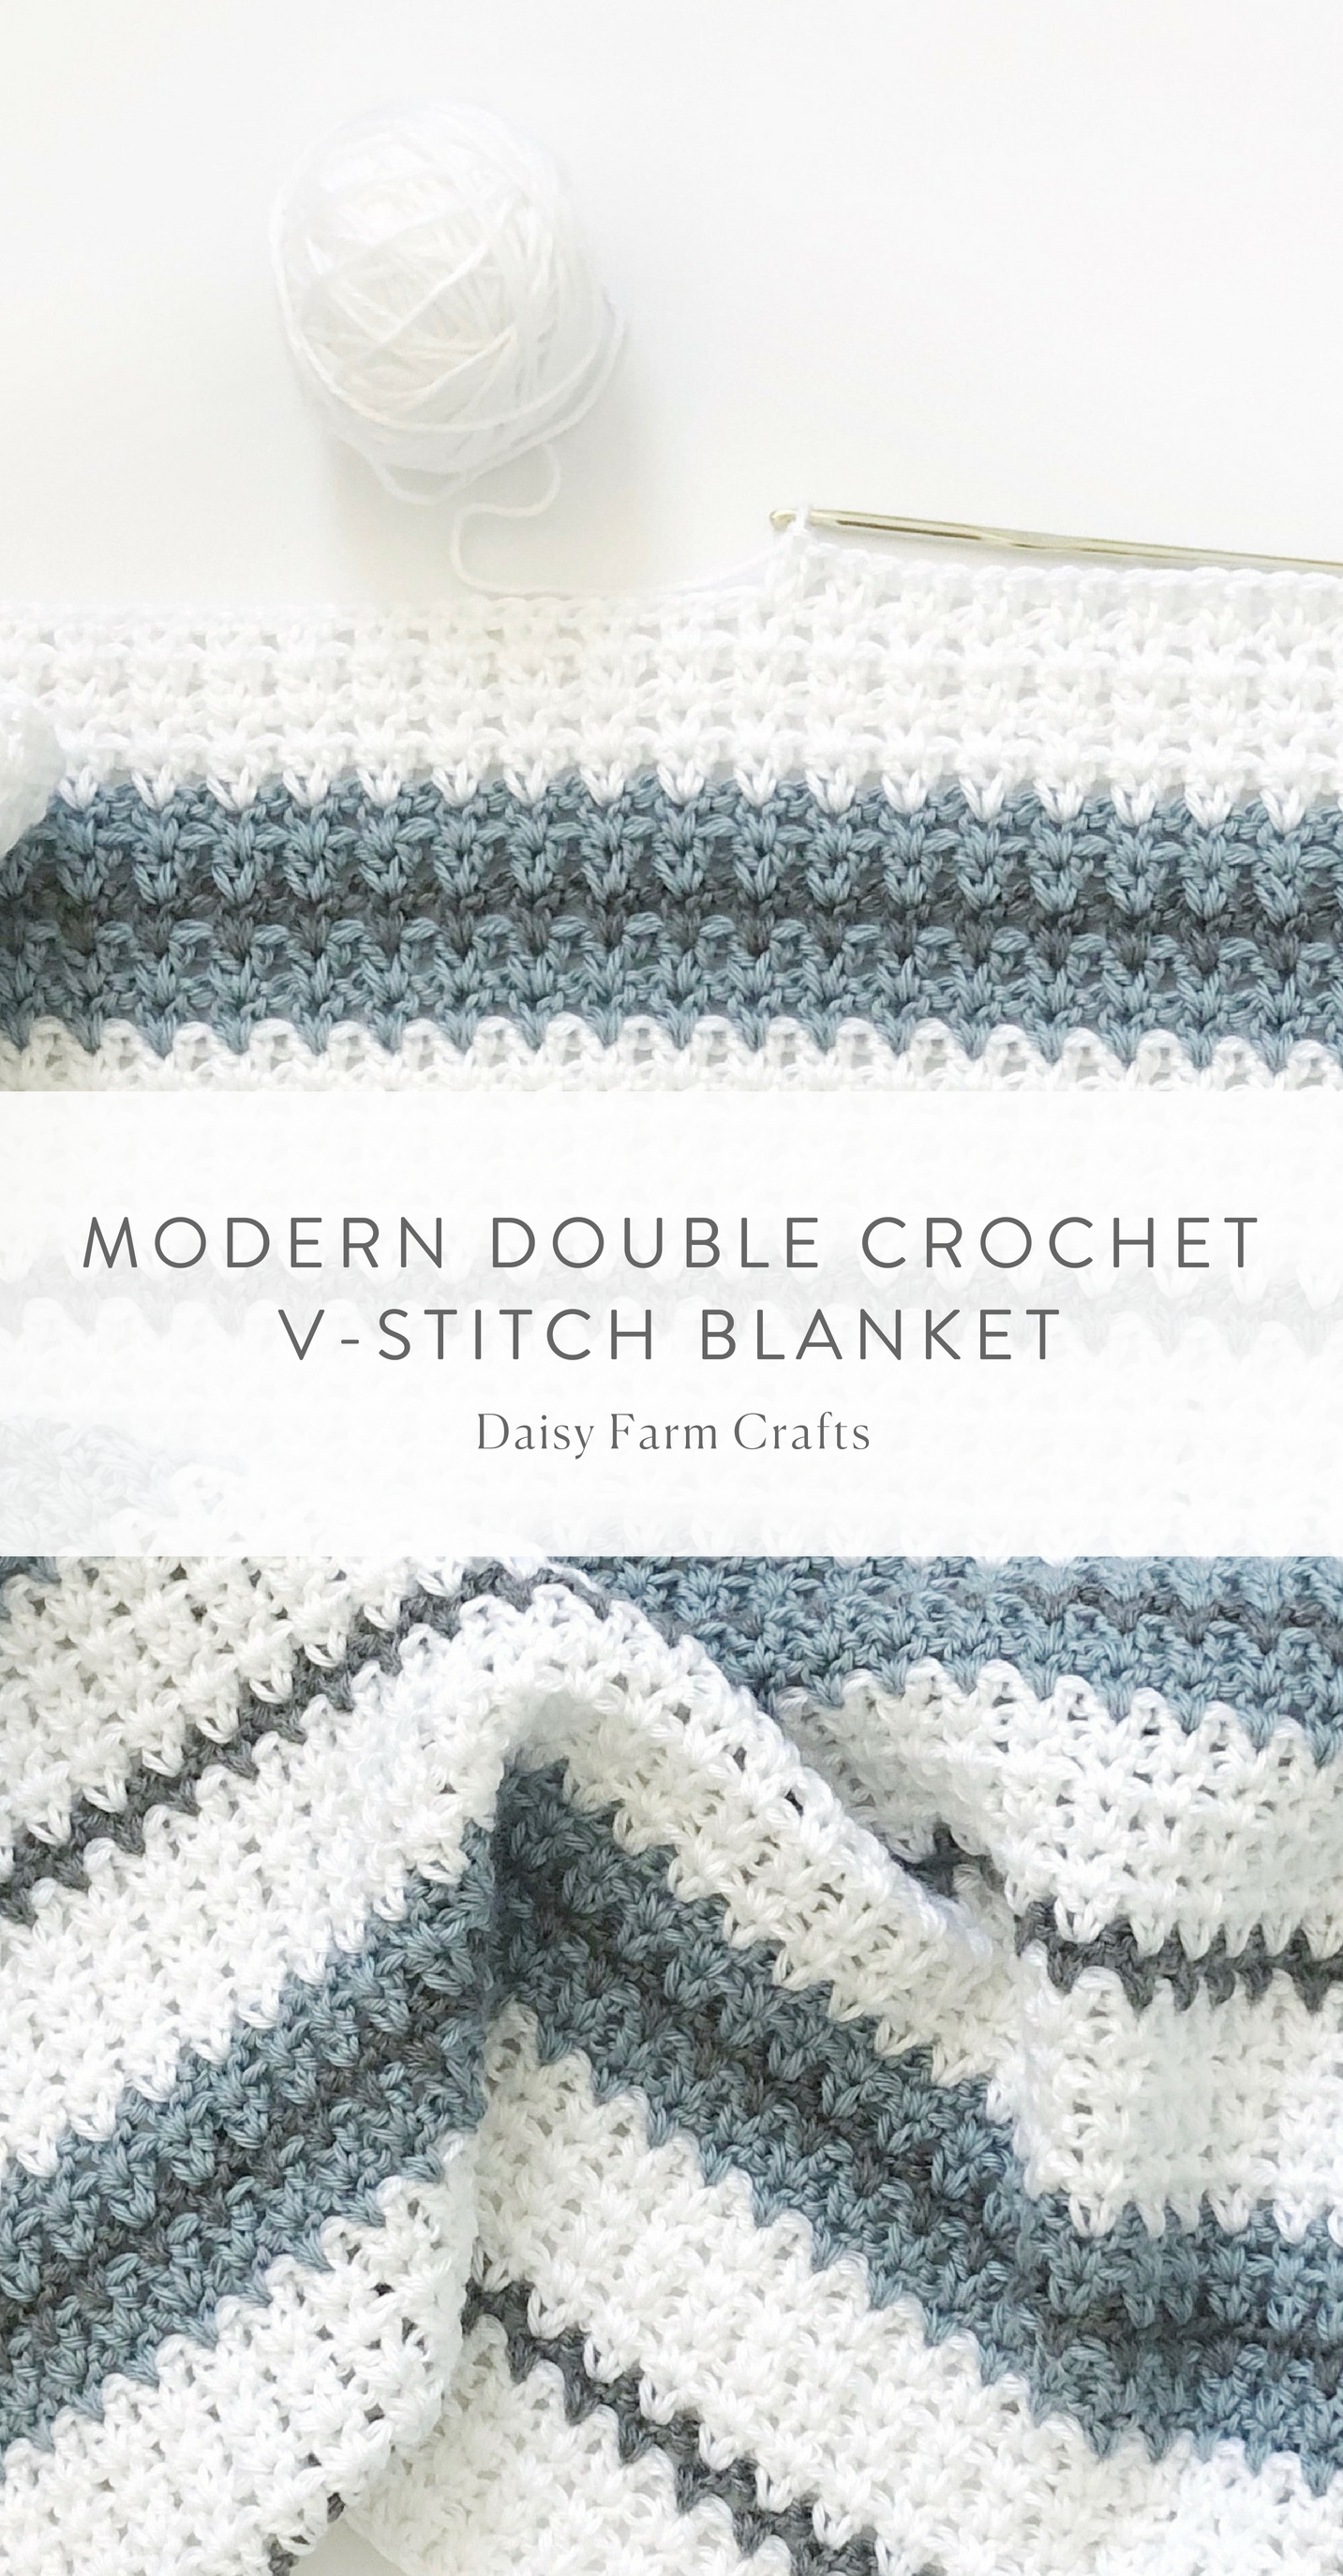 V-Stitch Crochet Blanket